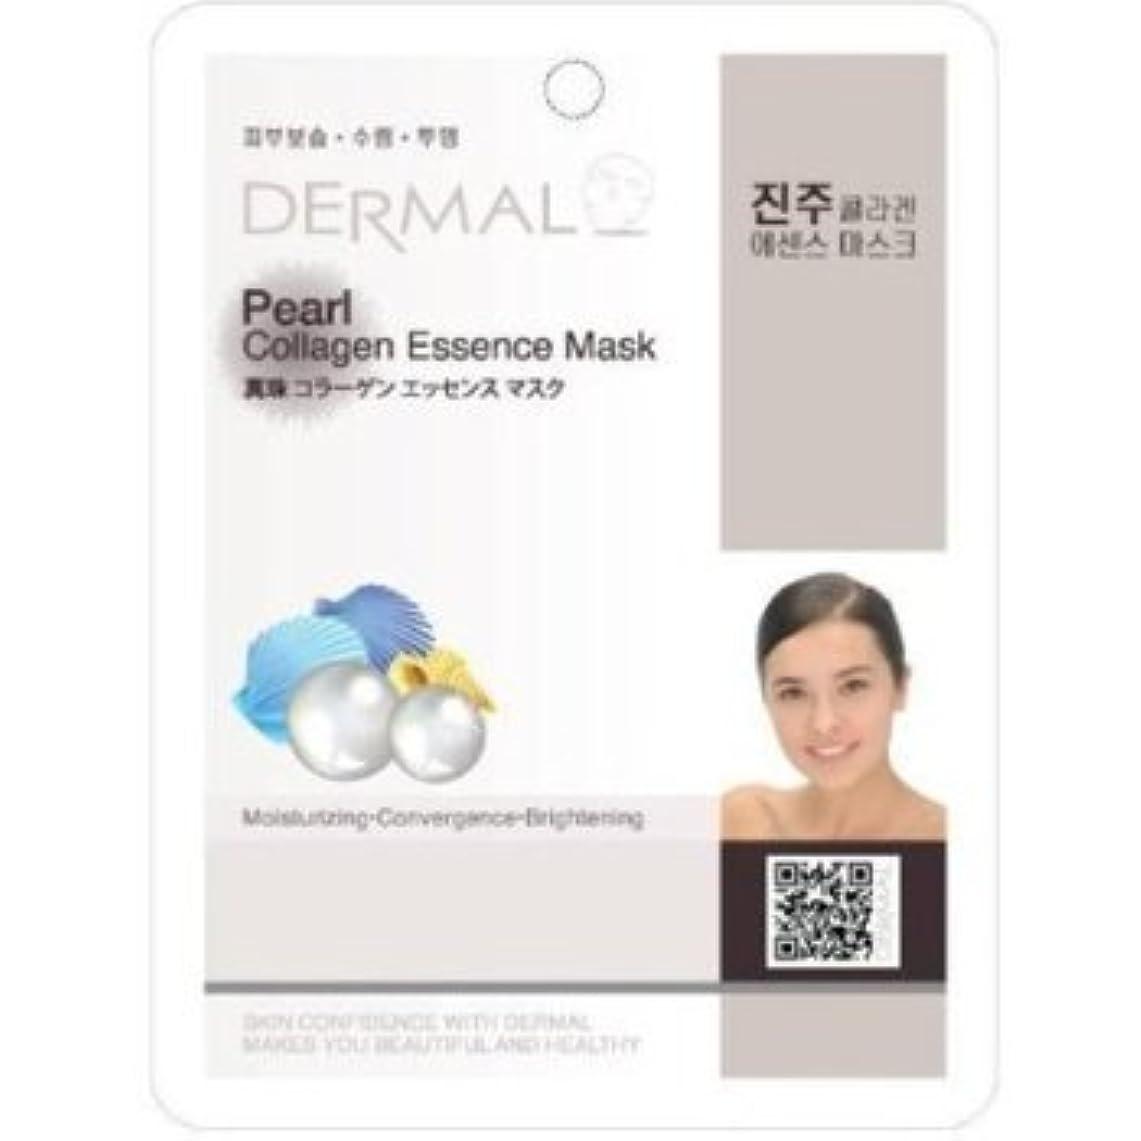 保守的保守的管理者Dermal Korea Collagen Essence Full Face Facial Mask Sheet - Pearl (100 pcs, 1box)